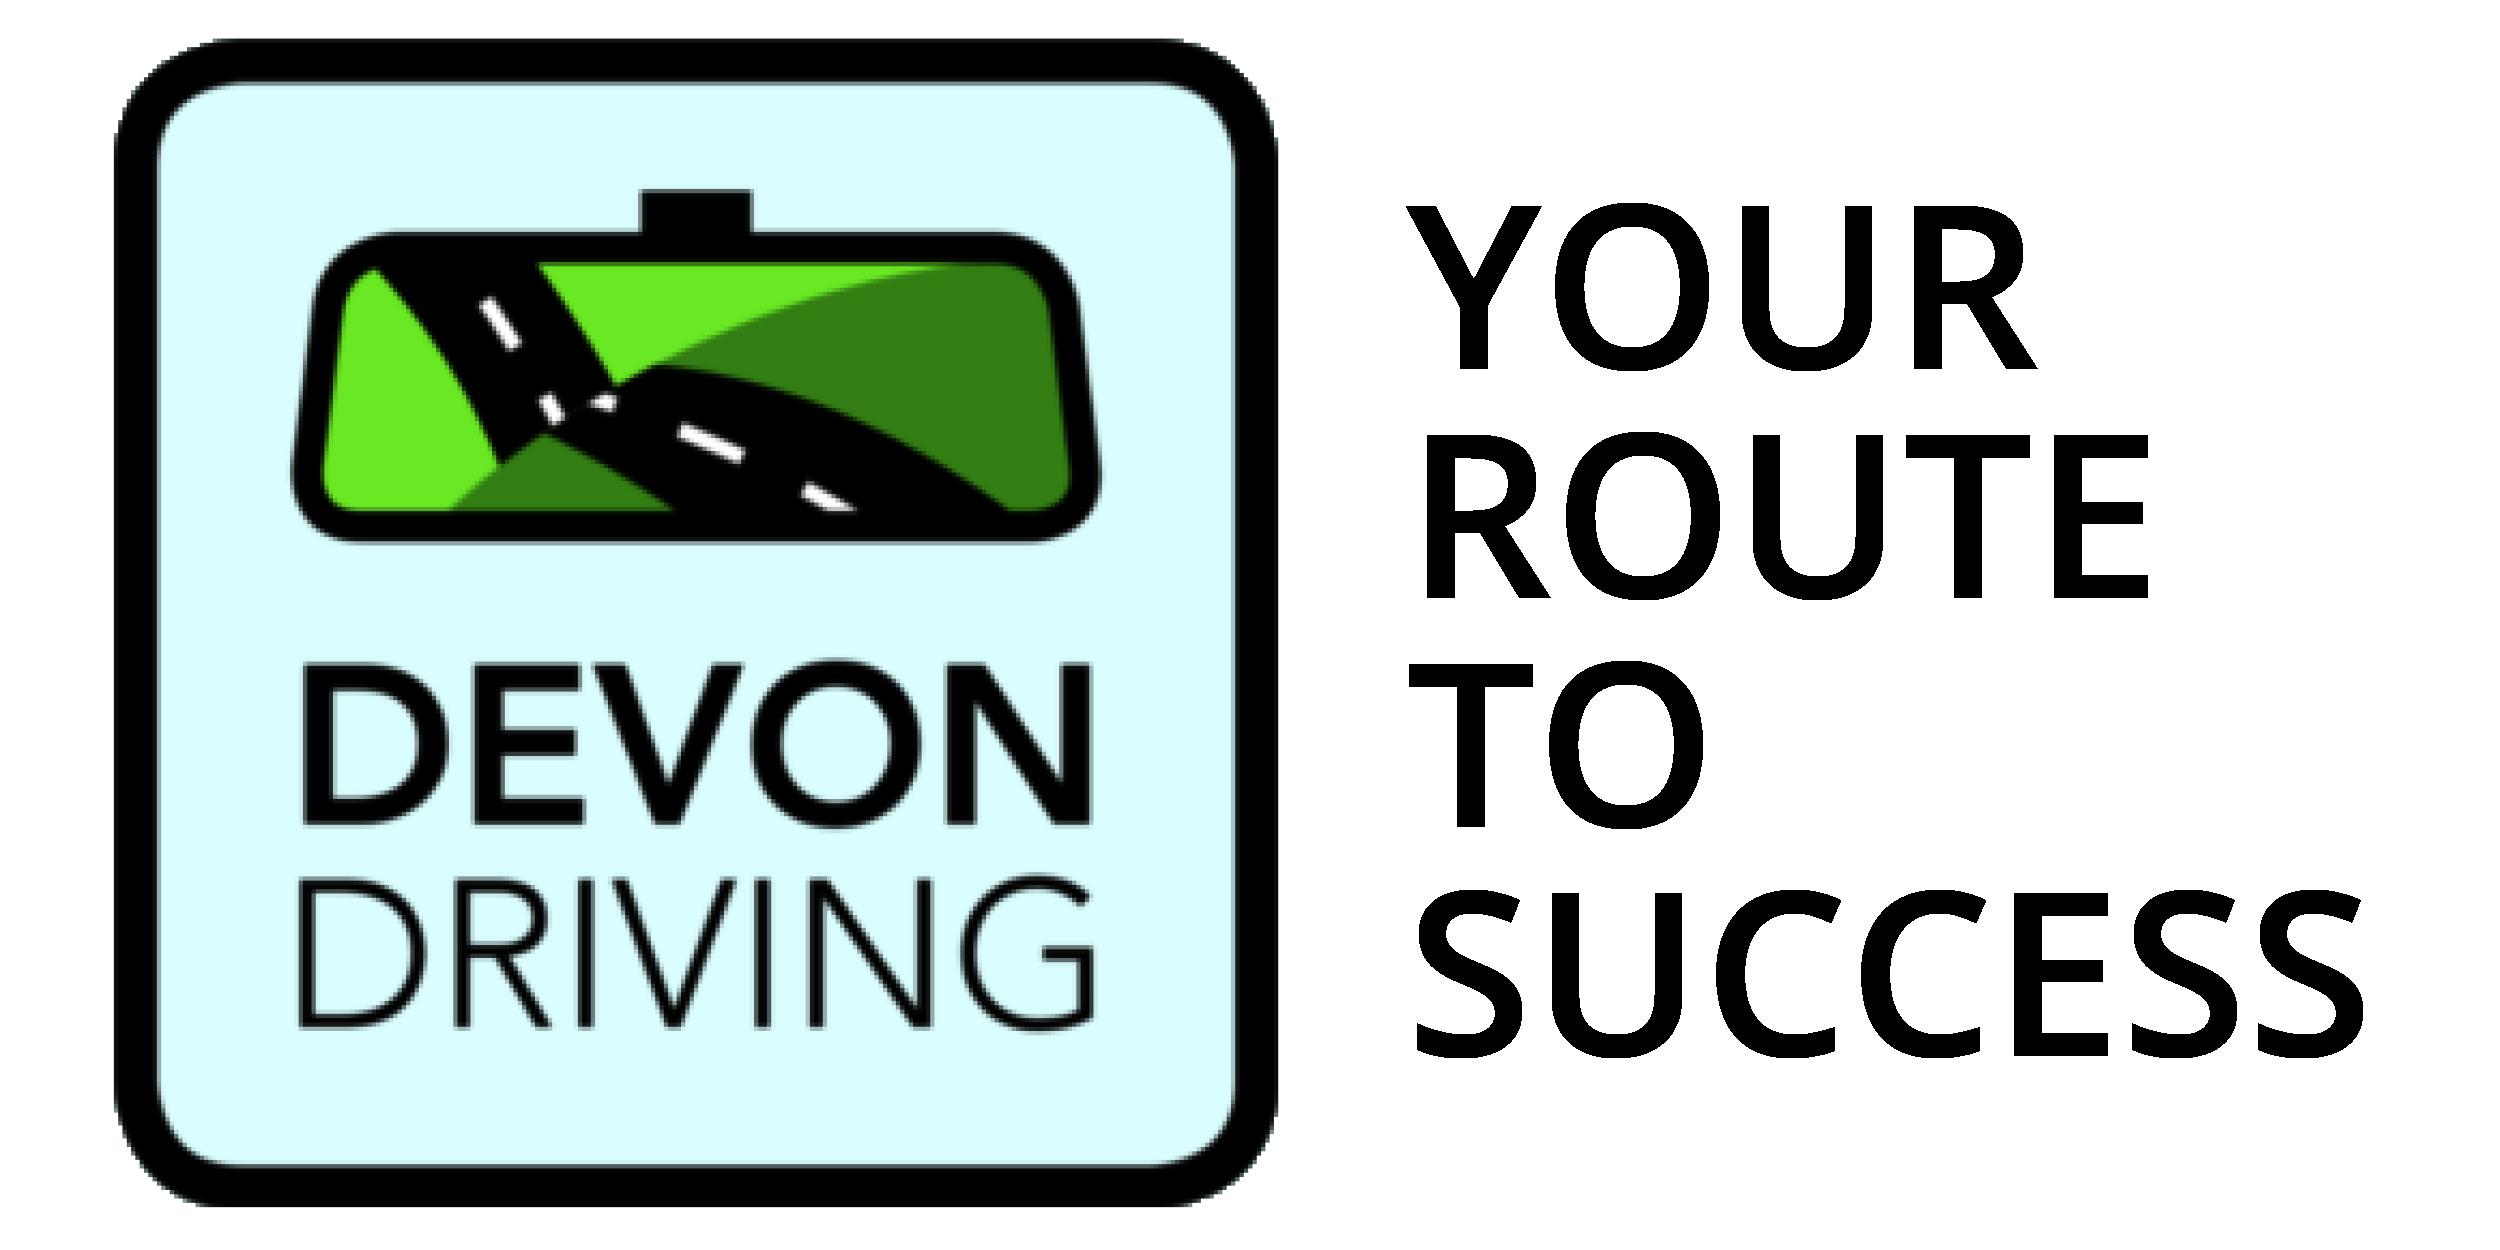 Devon Driving